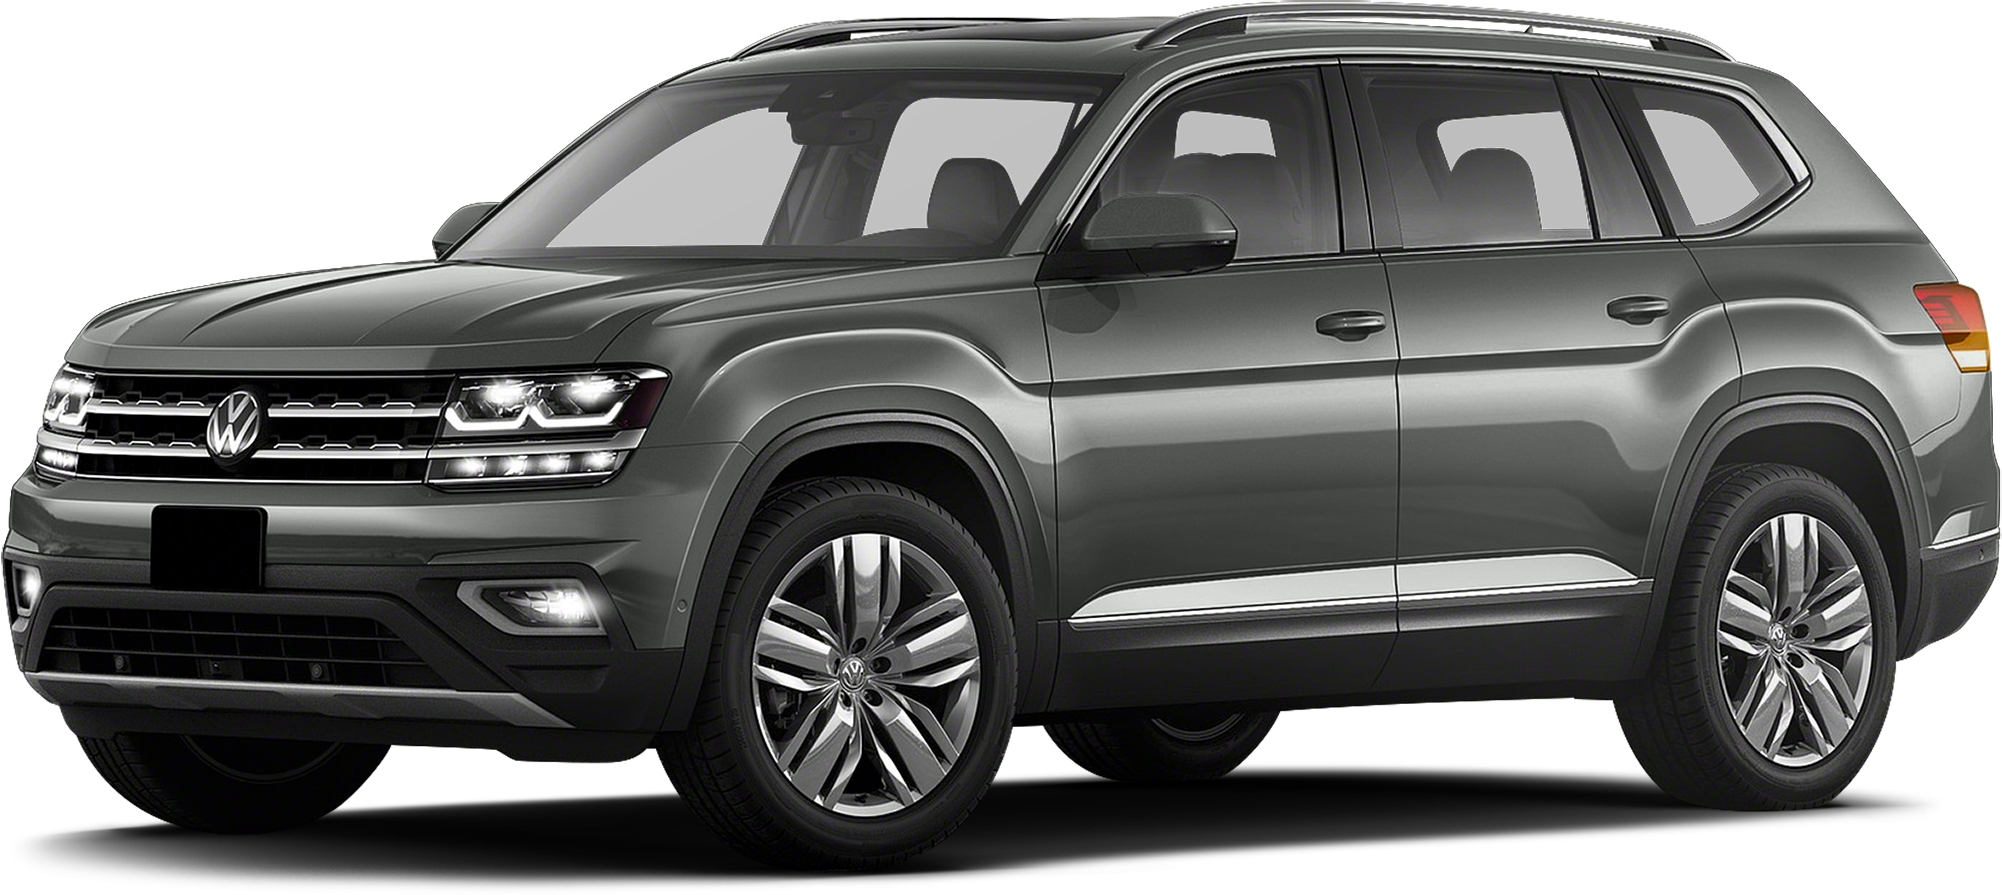 2018 Volkswagen Atlas 3 6l V6 Sel Premium Franklin Wi 19747139